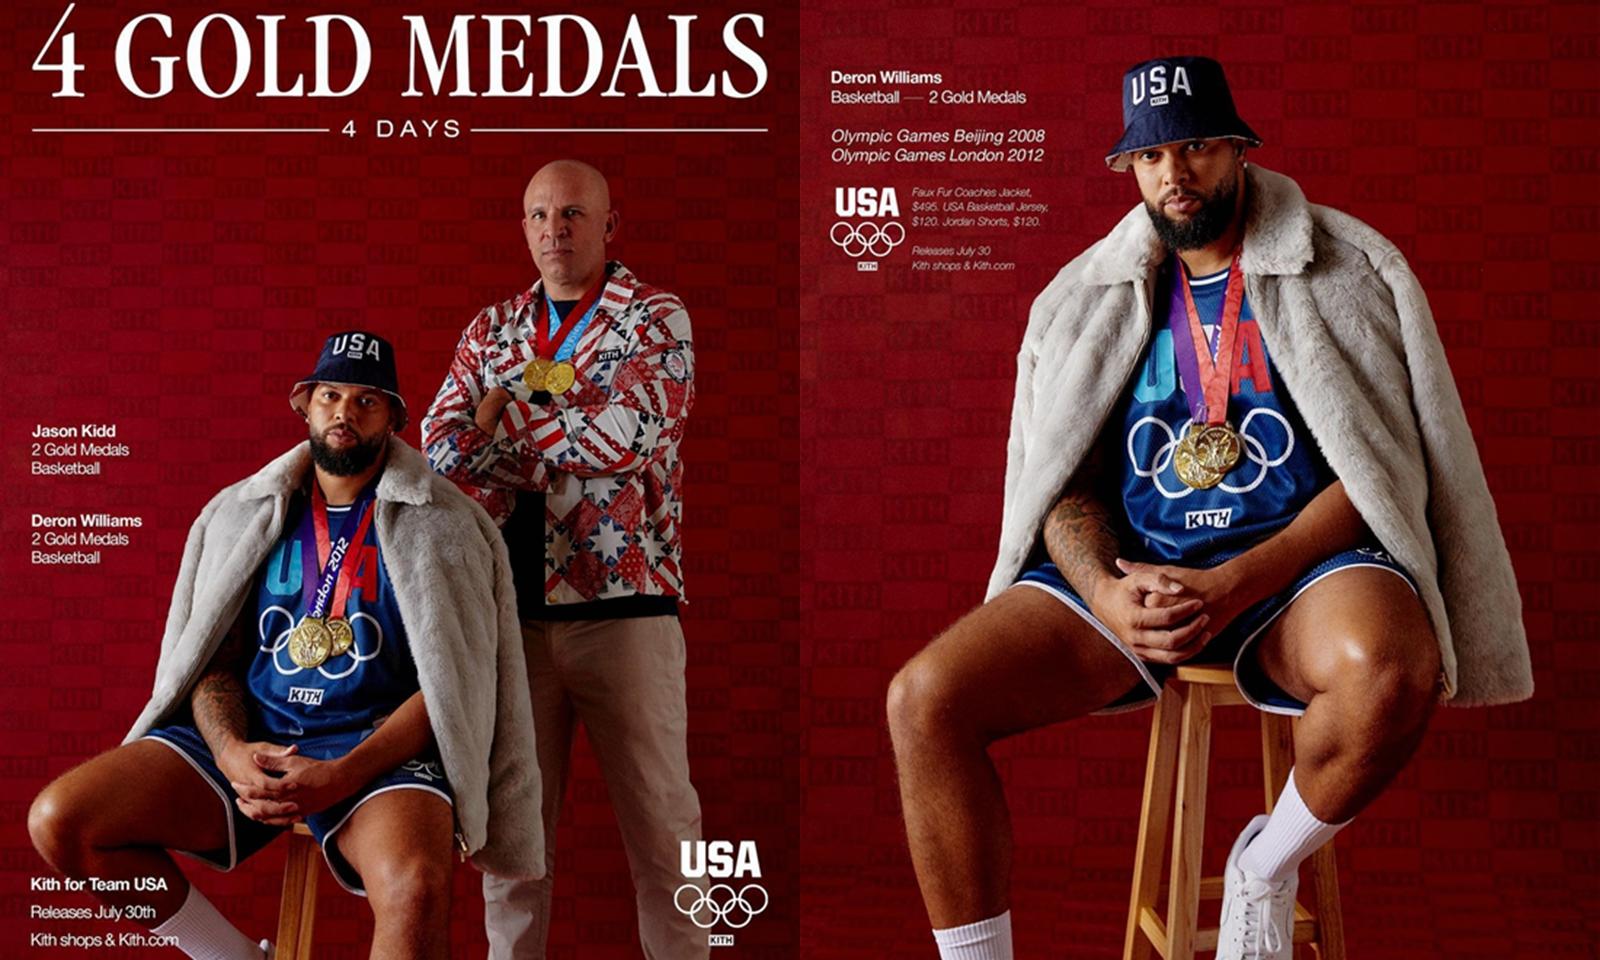 KITH 奥运会别注完整系列公开